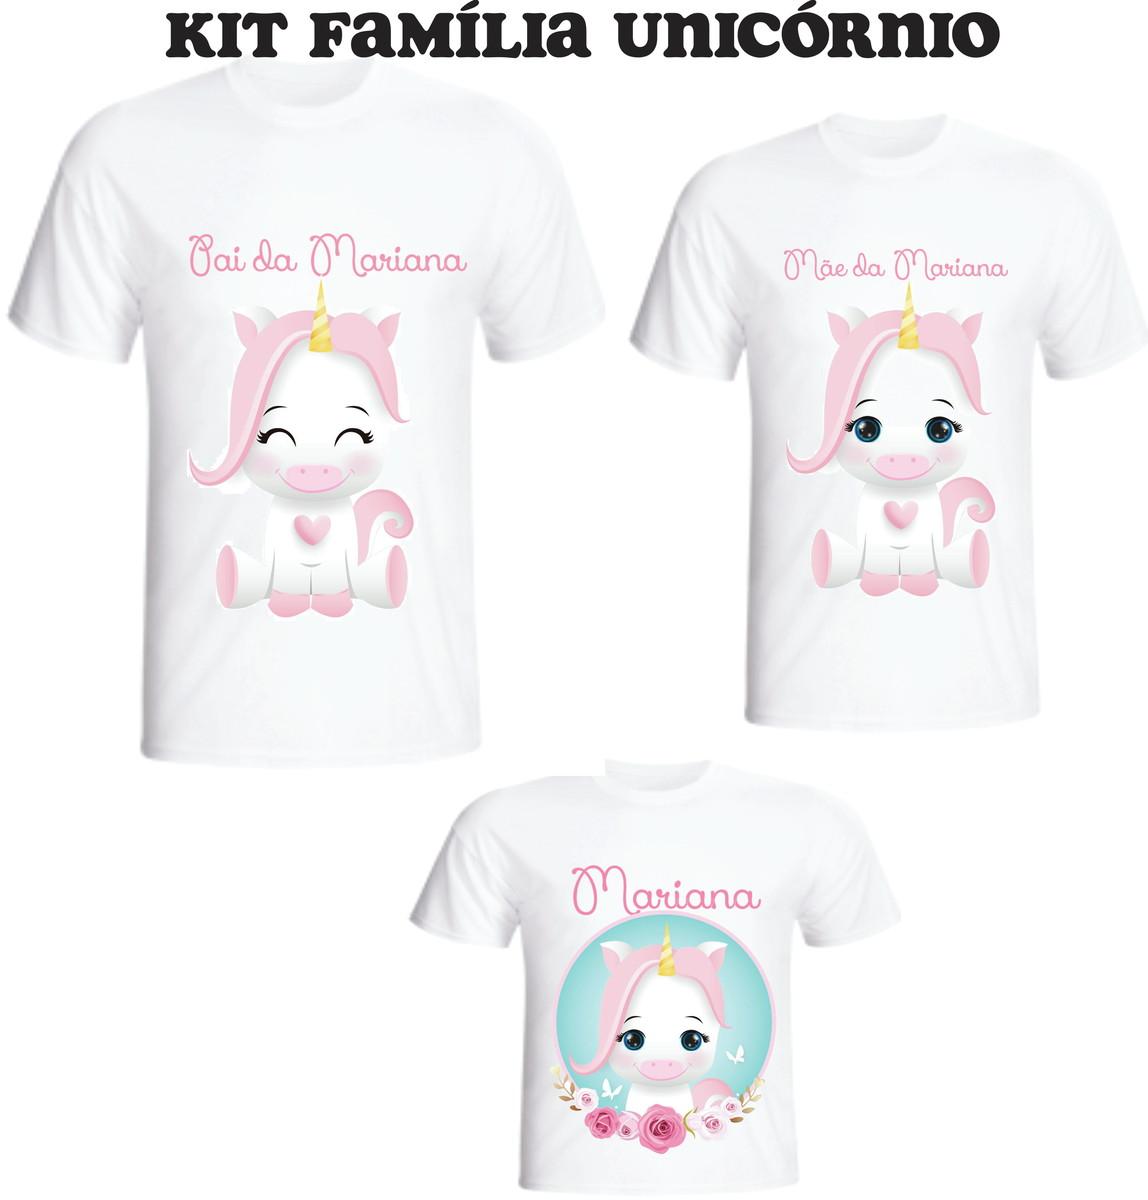 Camiseta Unicórnio Fofo Kit 03 camisetas - Personalizada no Elo7 ... 6dc61f8f11f05